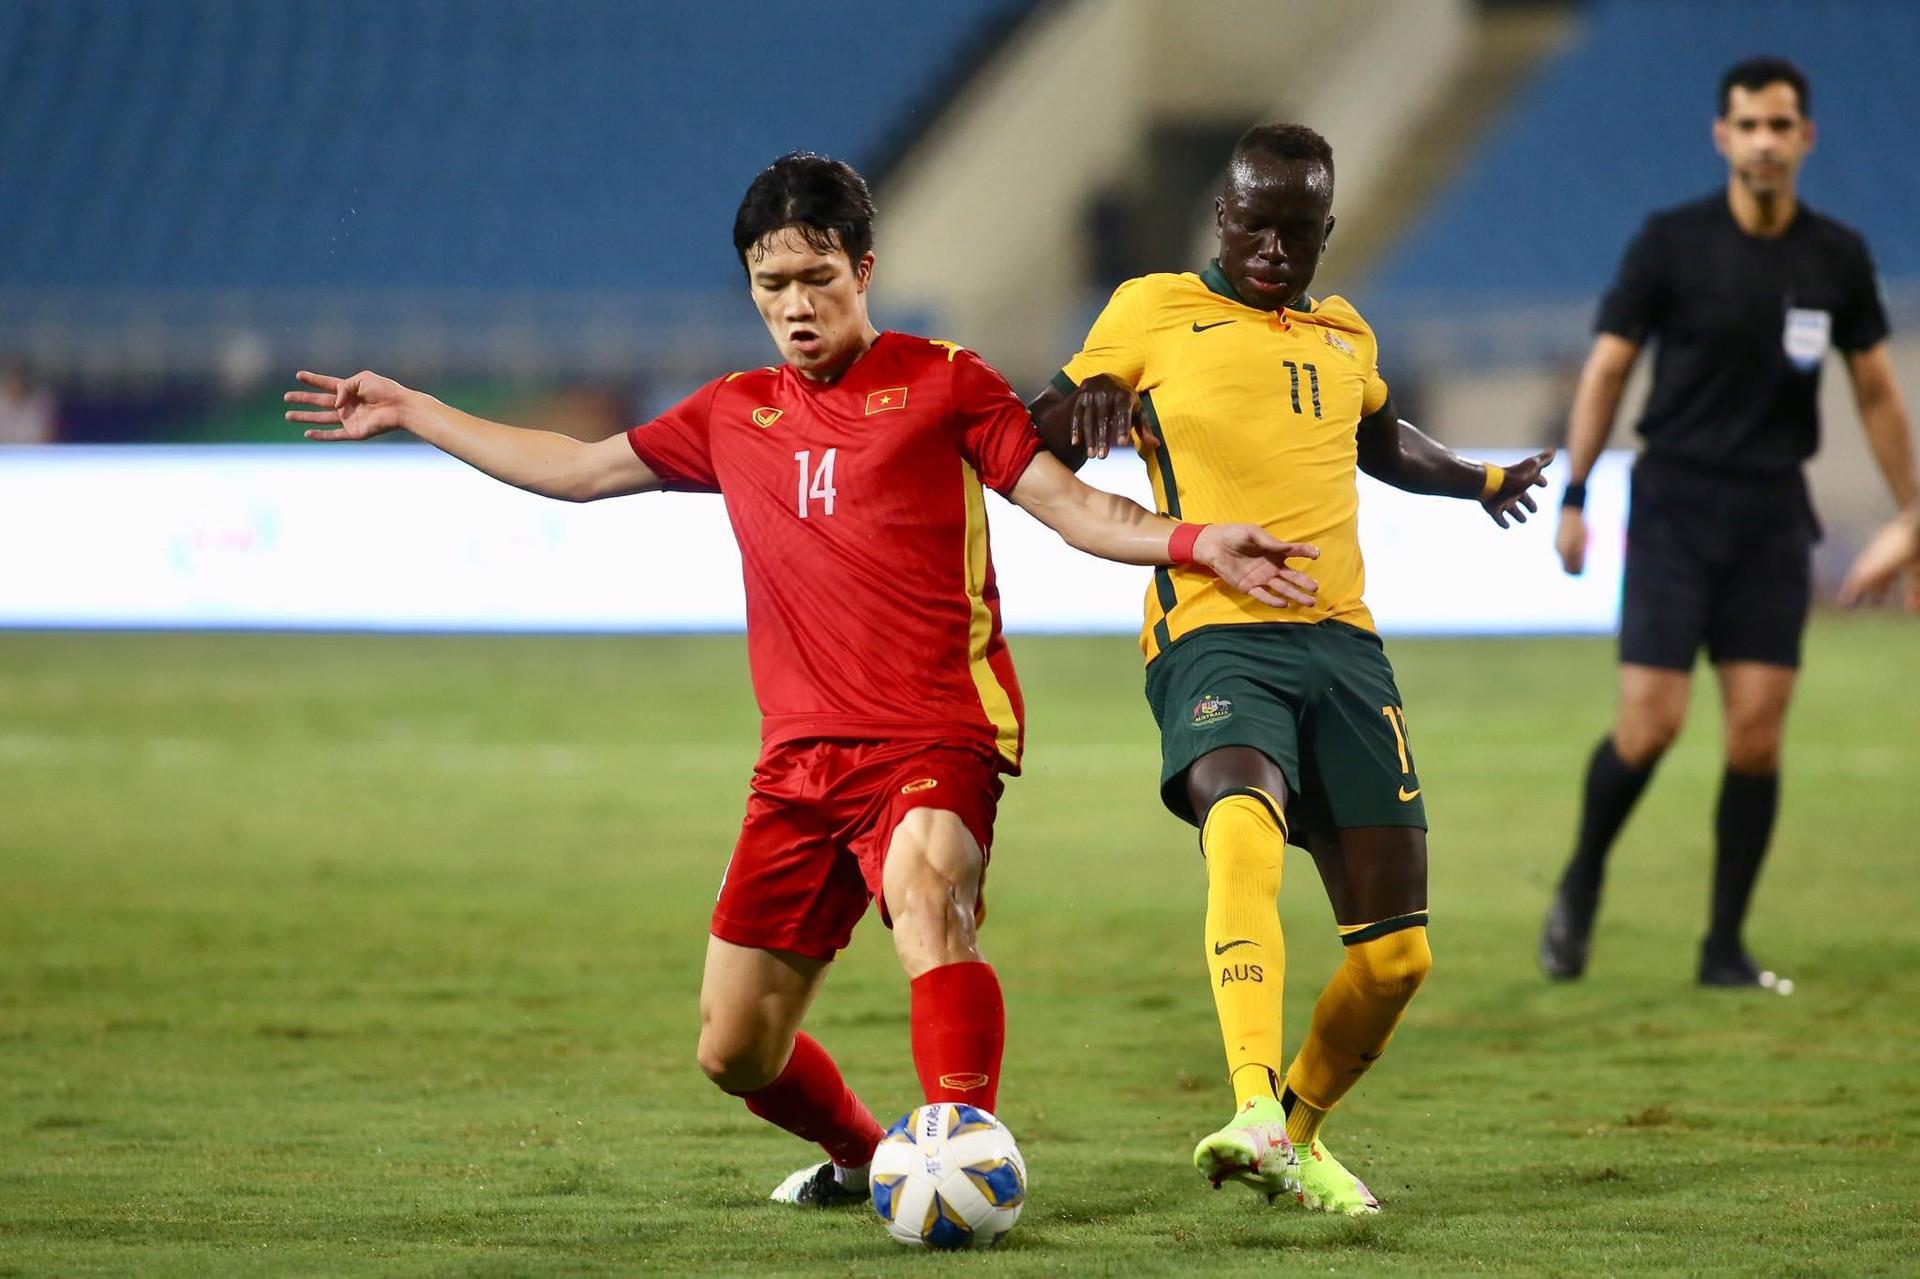 Tuyển Việt Nam tụt 3 bậc trên bảng xếp hạng FIFA - 1